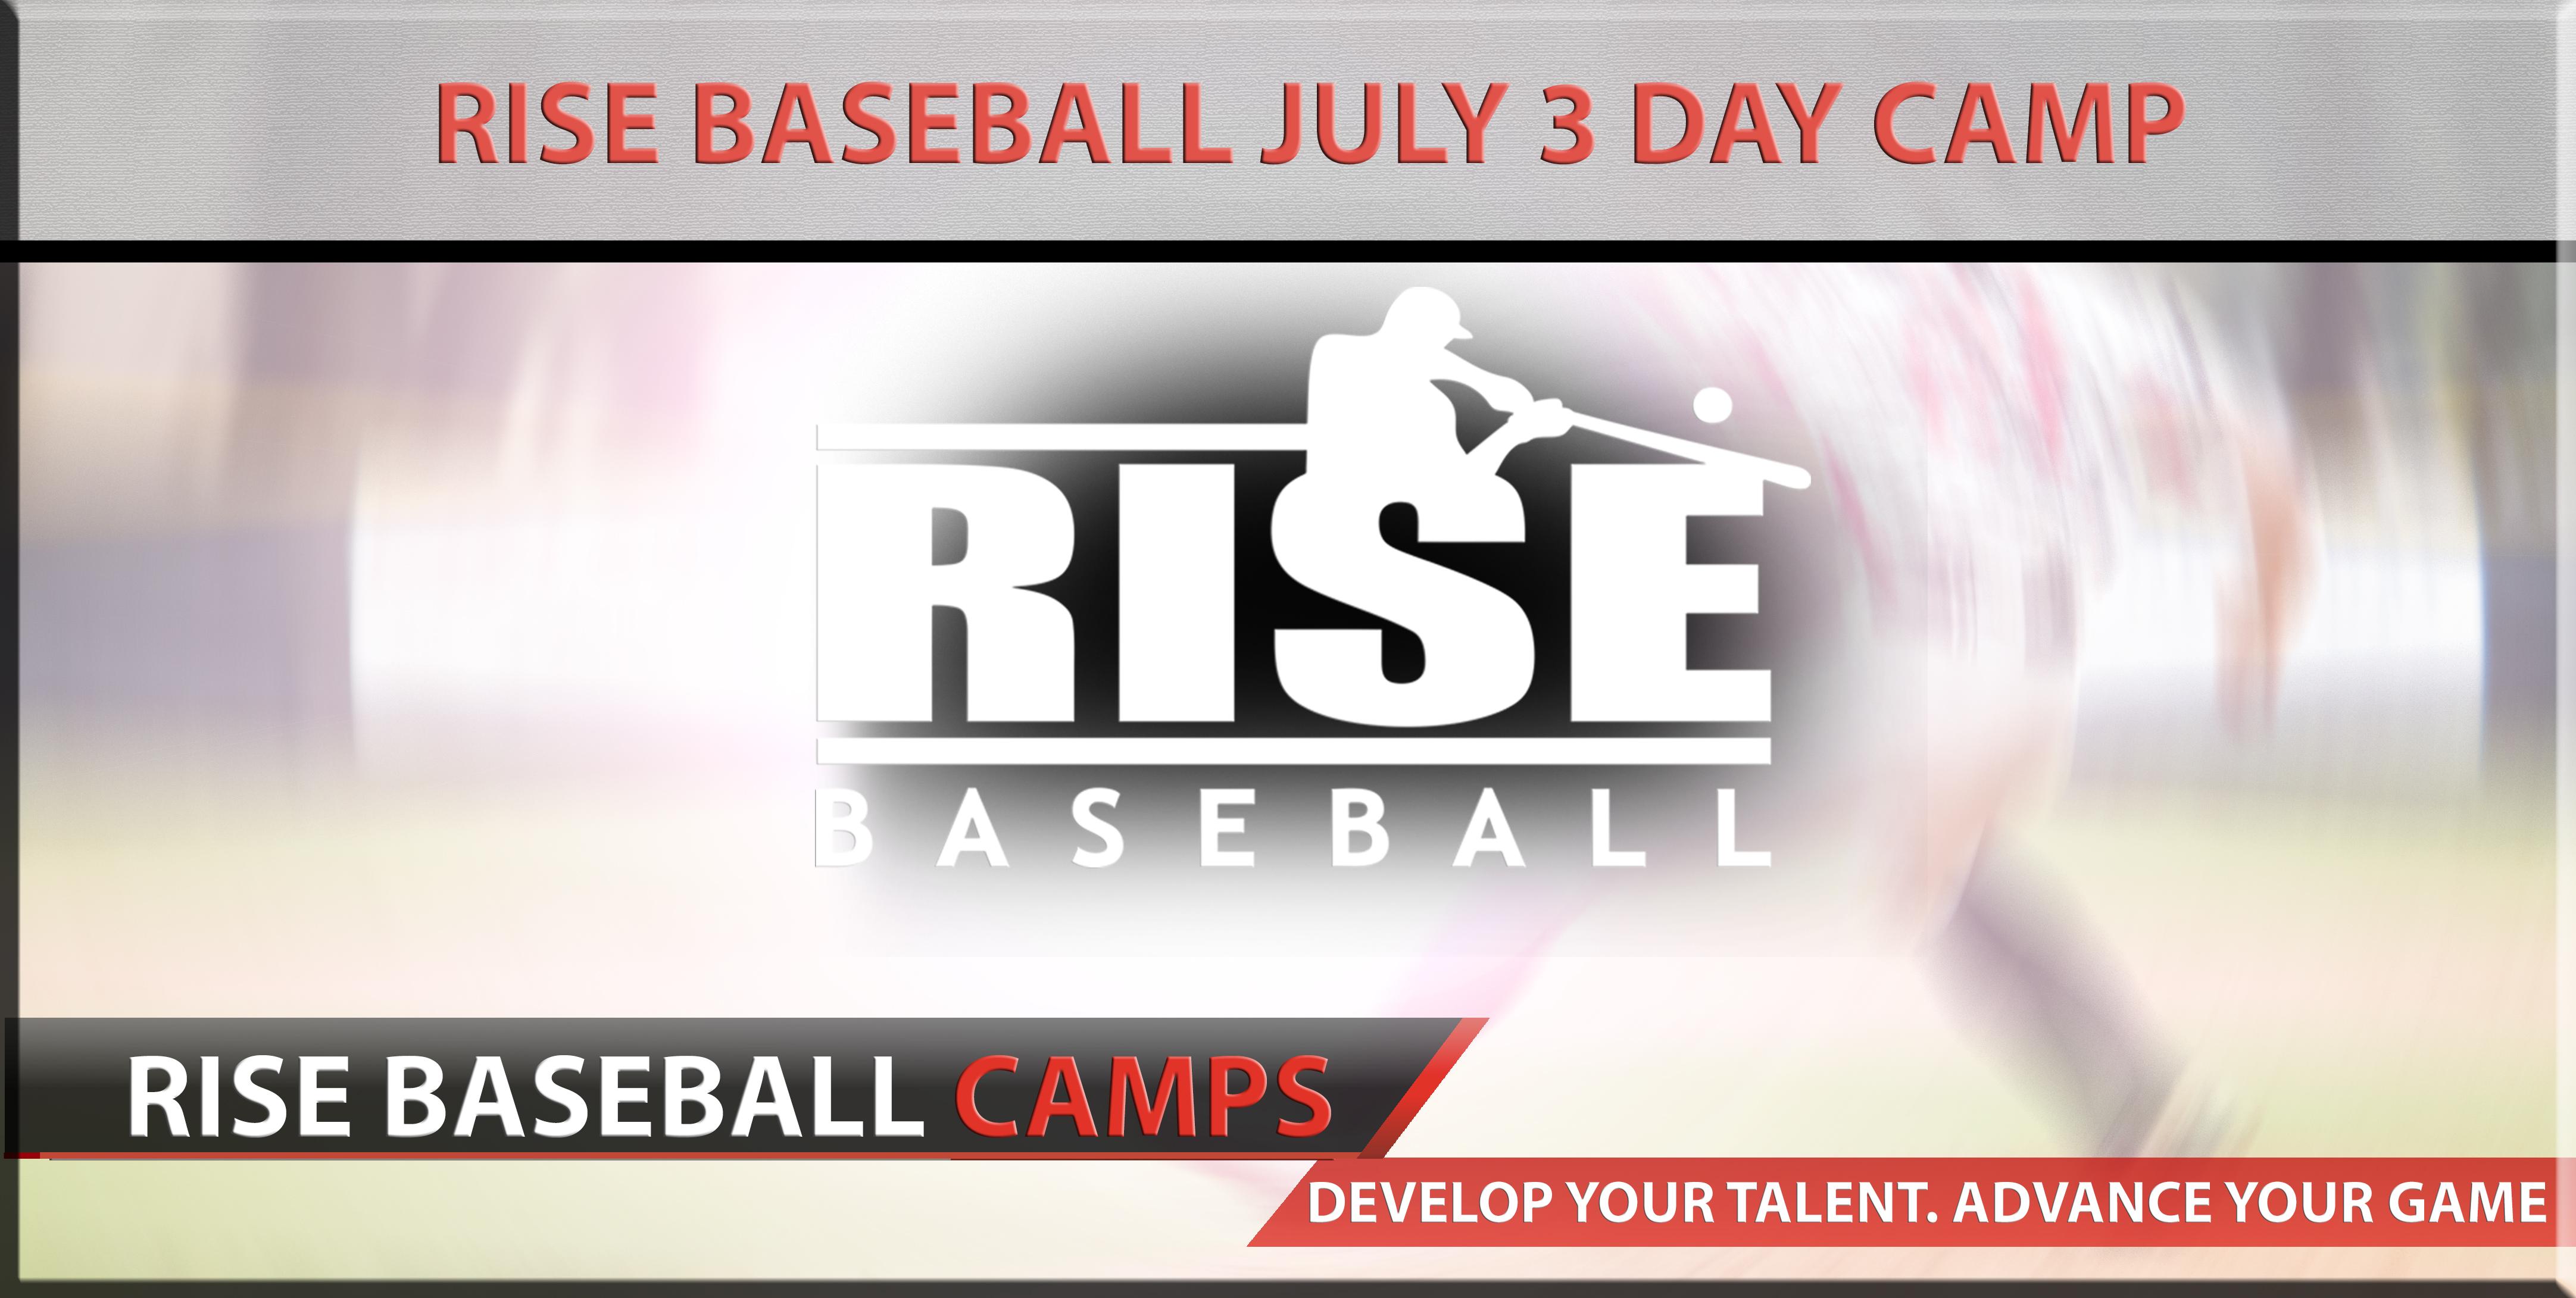 RISE Baseball July 3 Day Camp